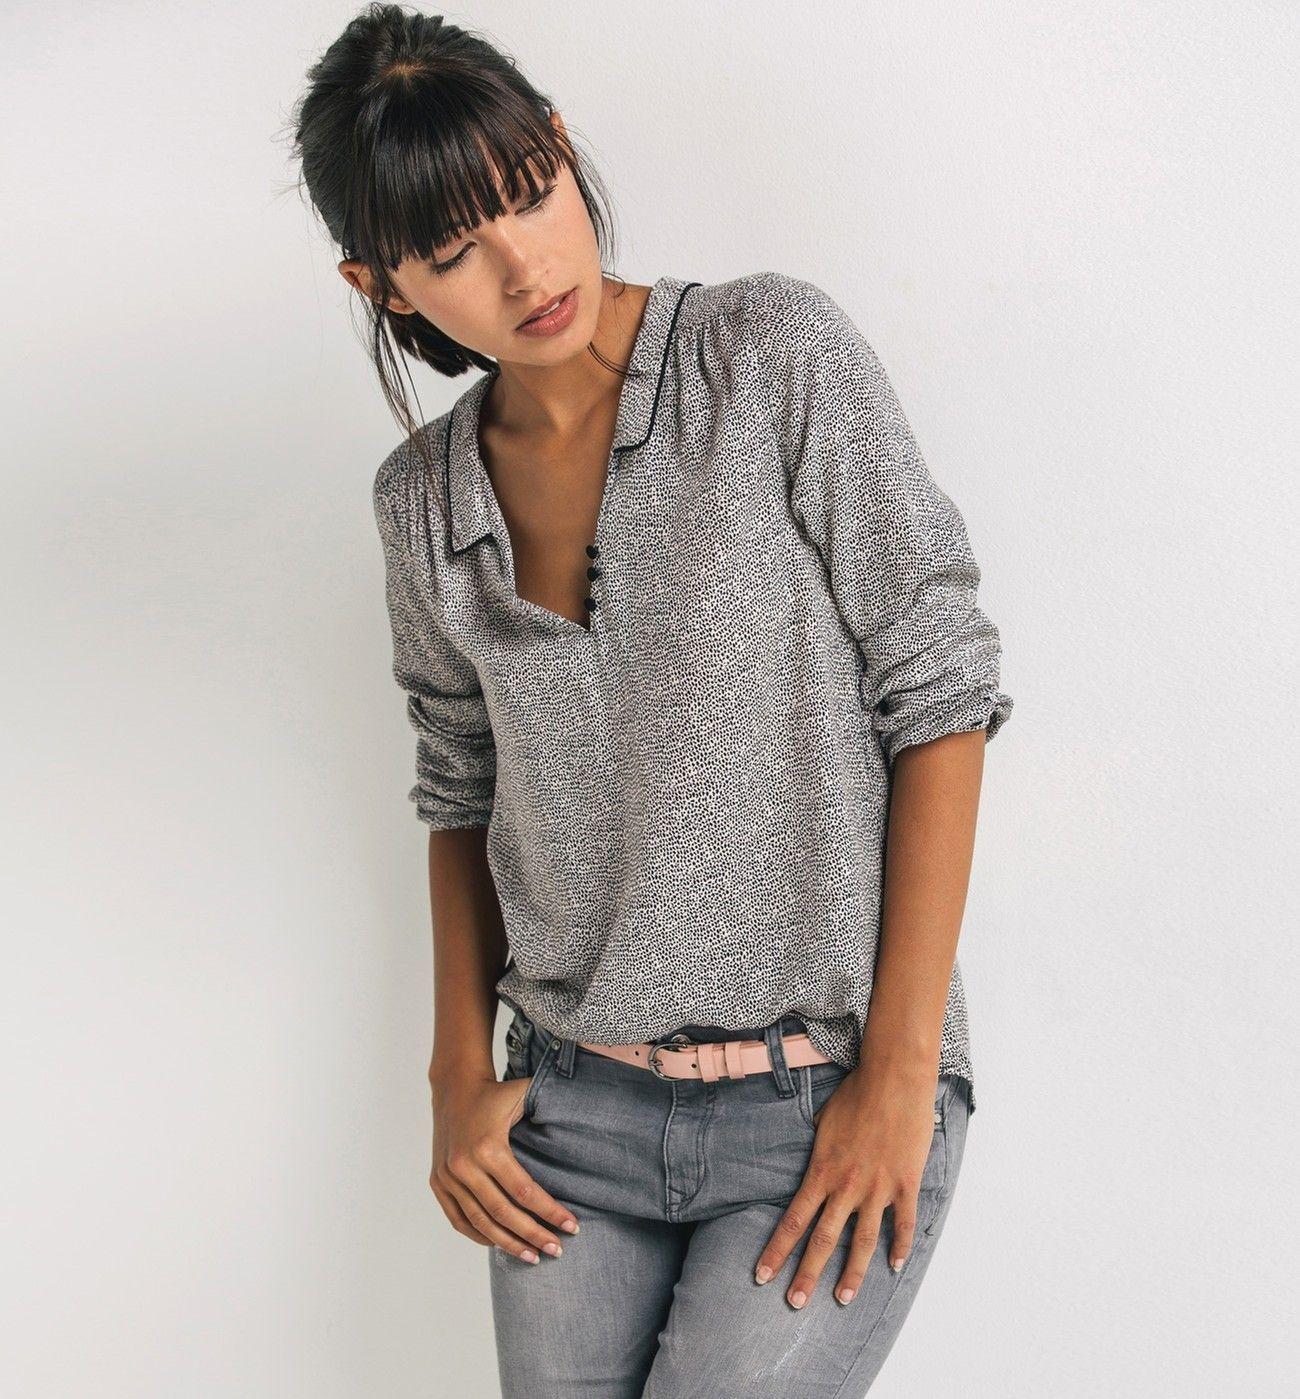 blouse imprim e femme imprim multicolore chemisiers tuniques femme promod. Black Bedroom Furniture Sets. Home Design Ideas